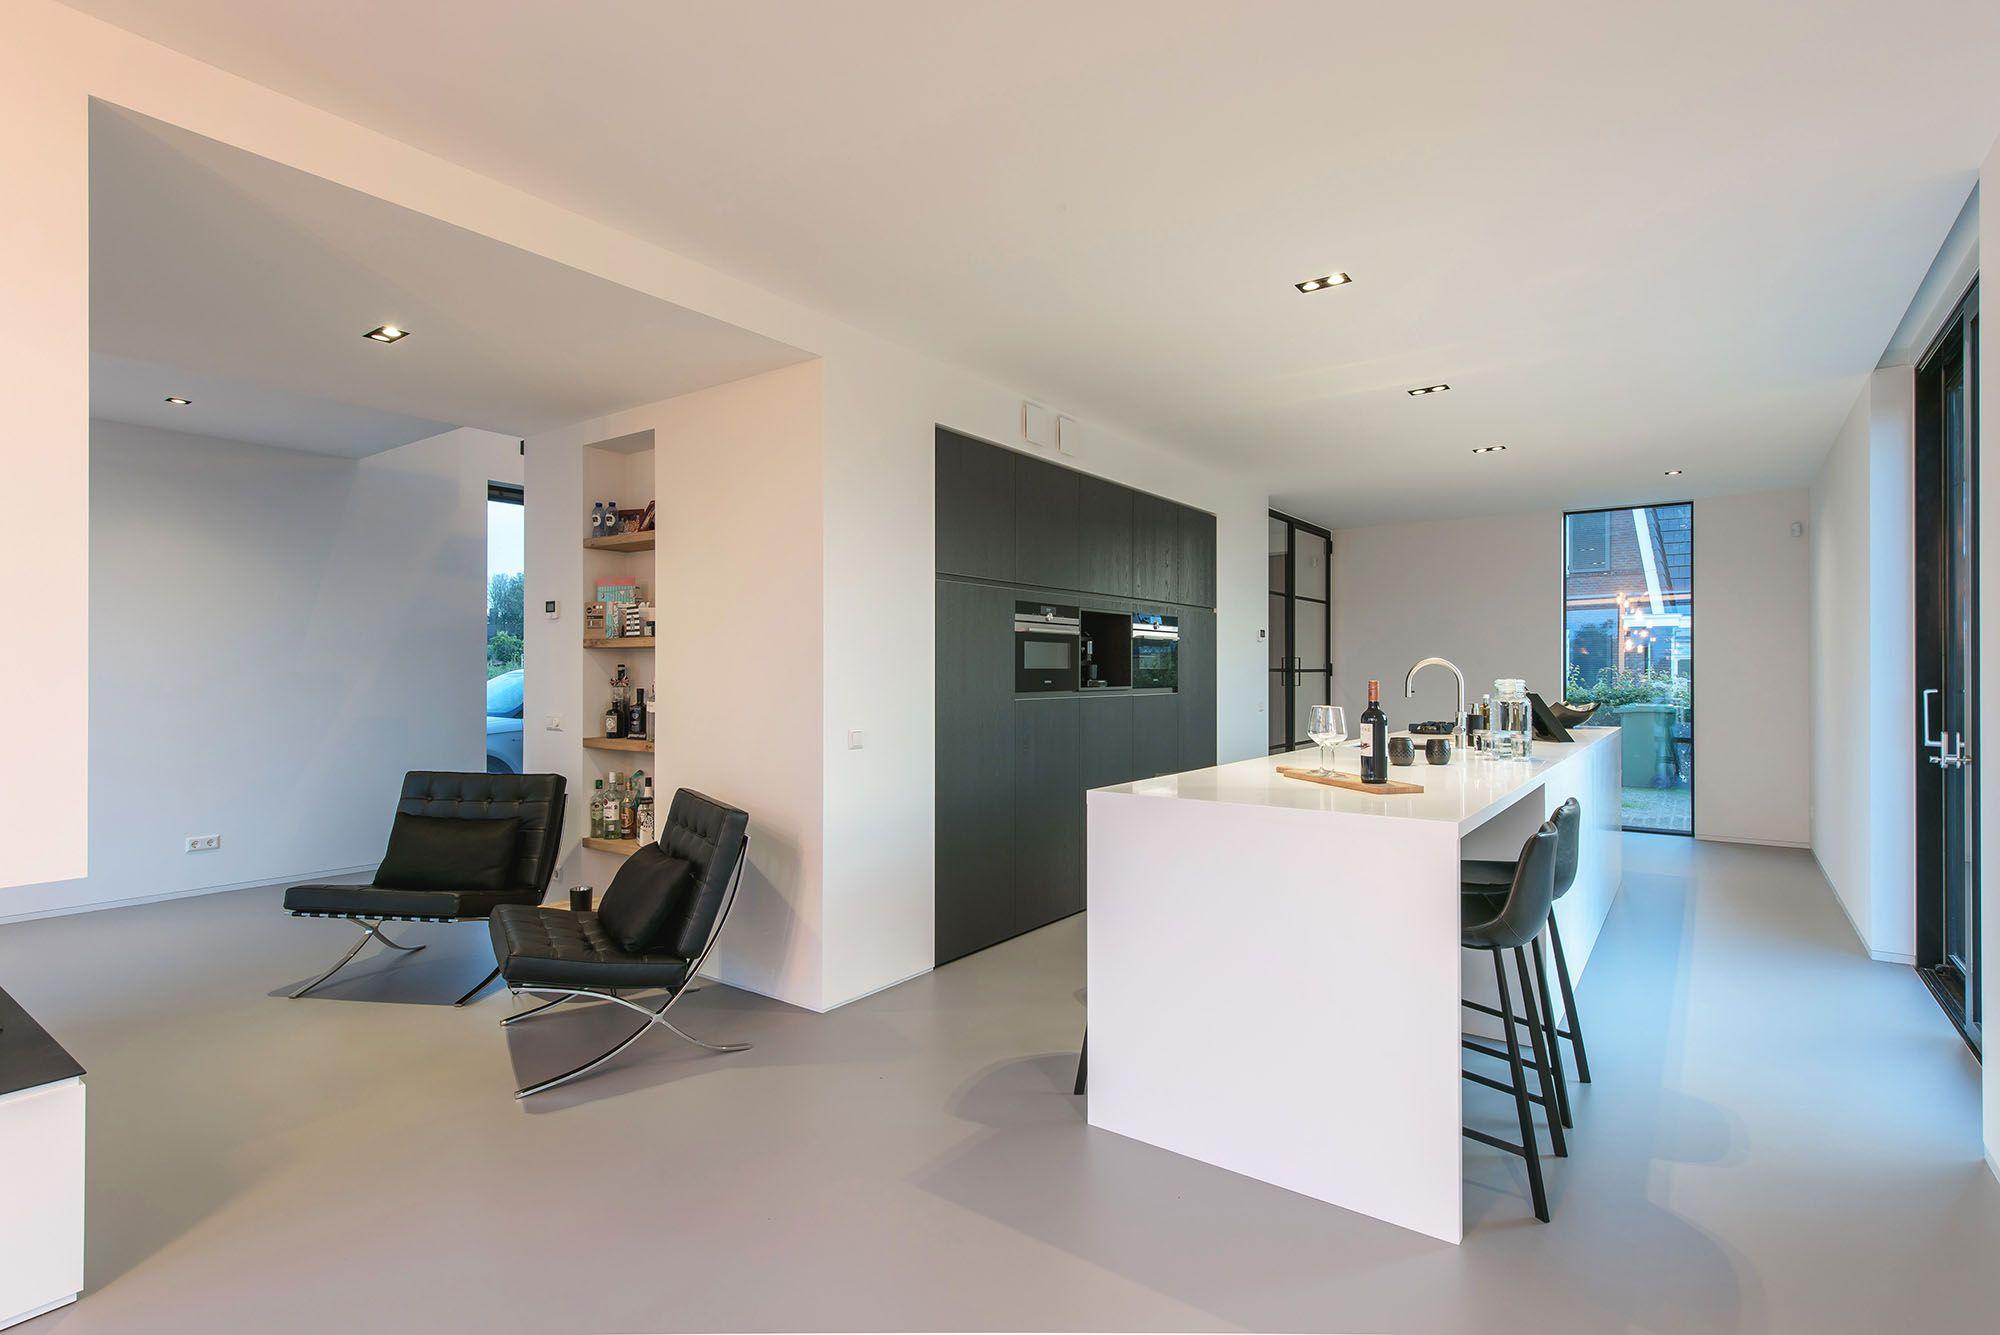 Kookeiland Open Keuken : Modern villa interior kitchen in maasluis holland by jury